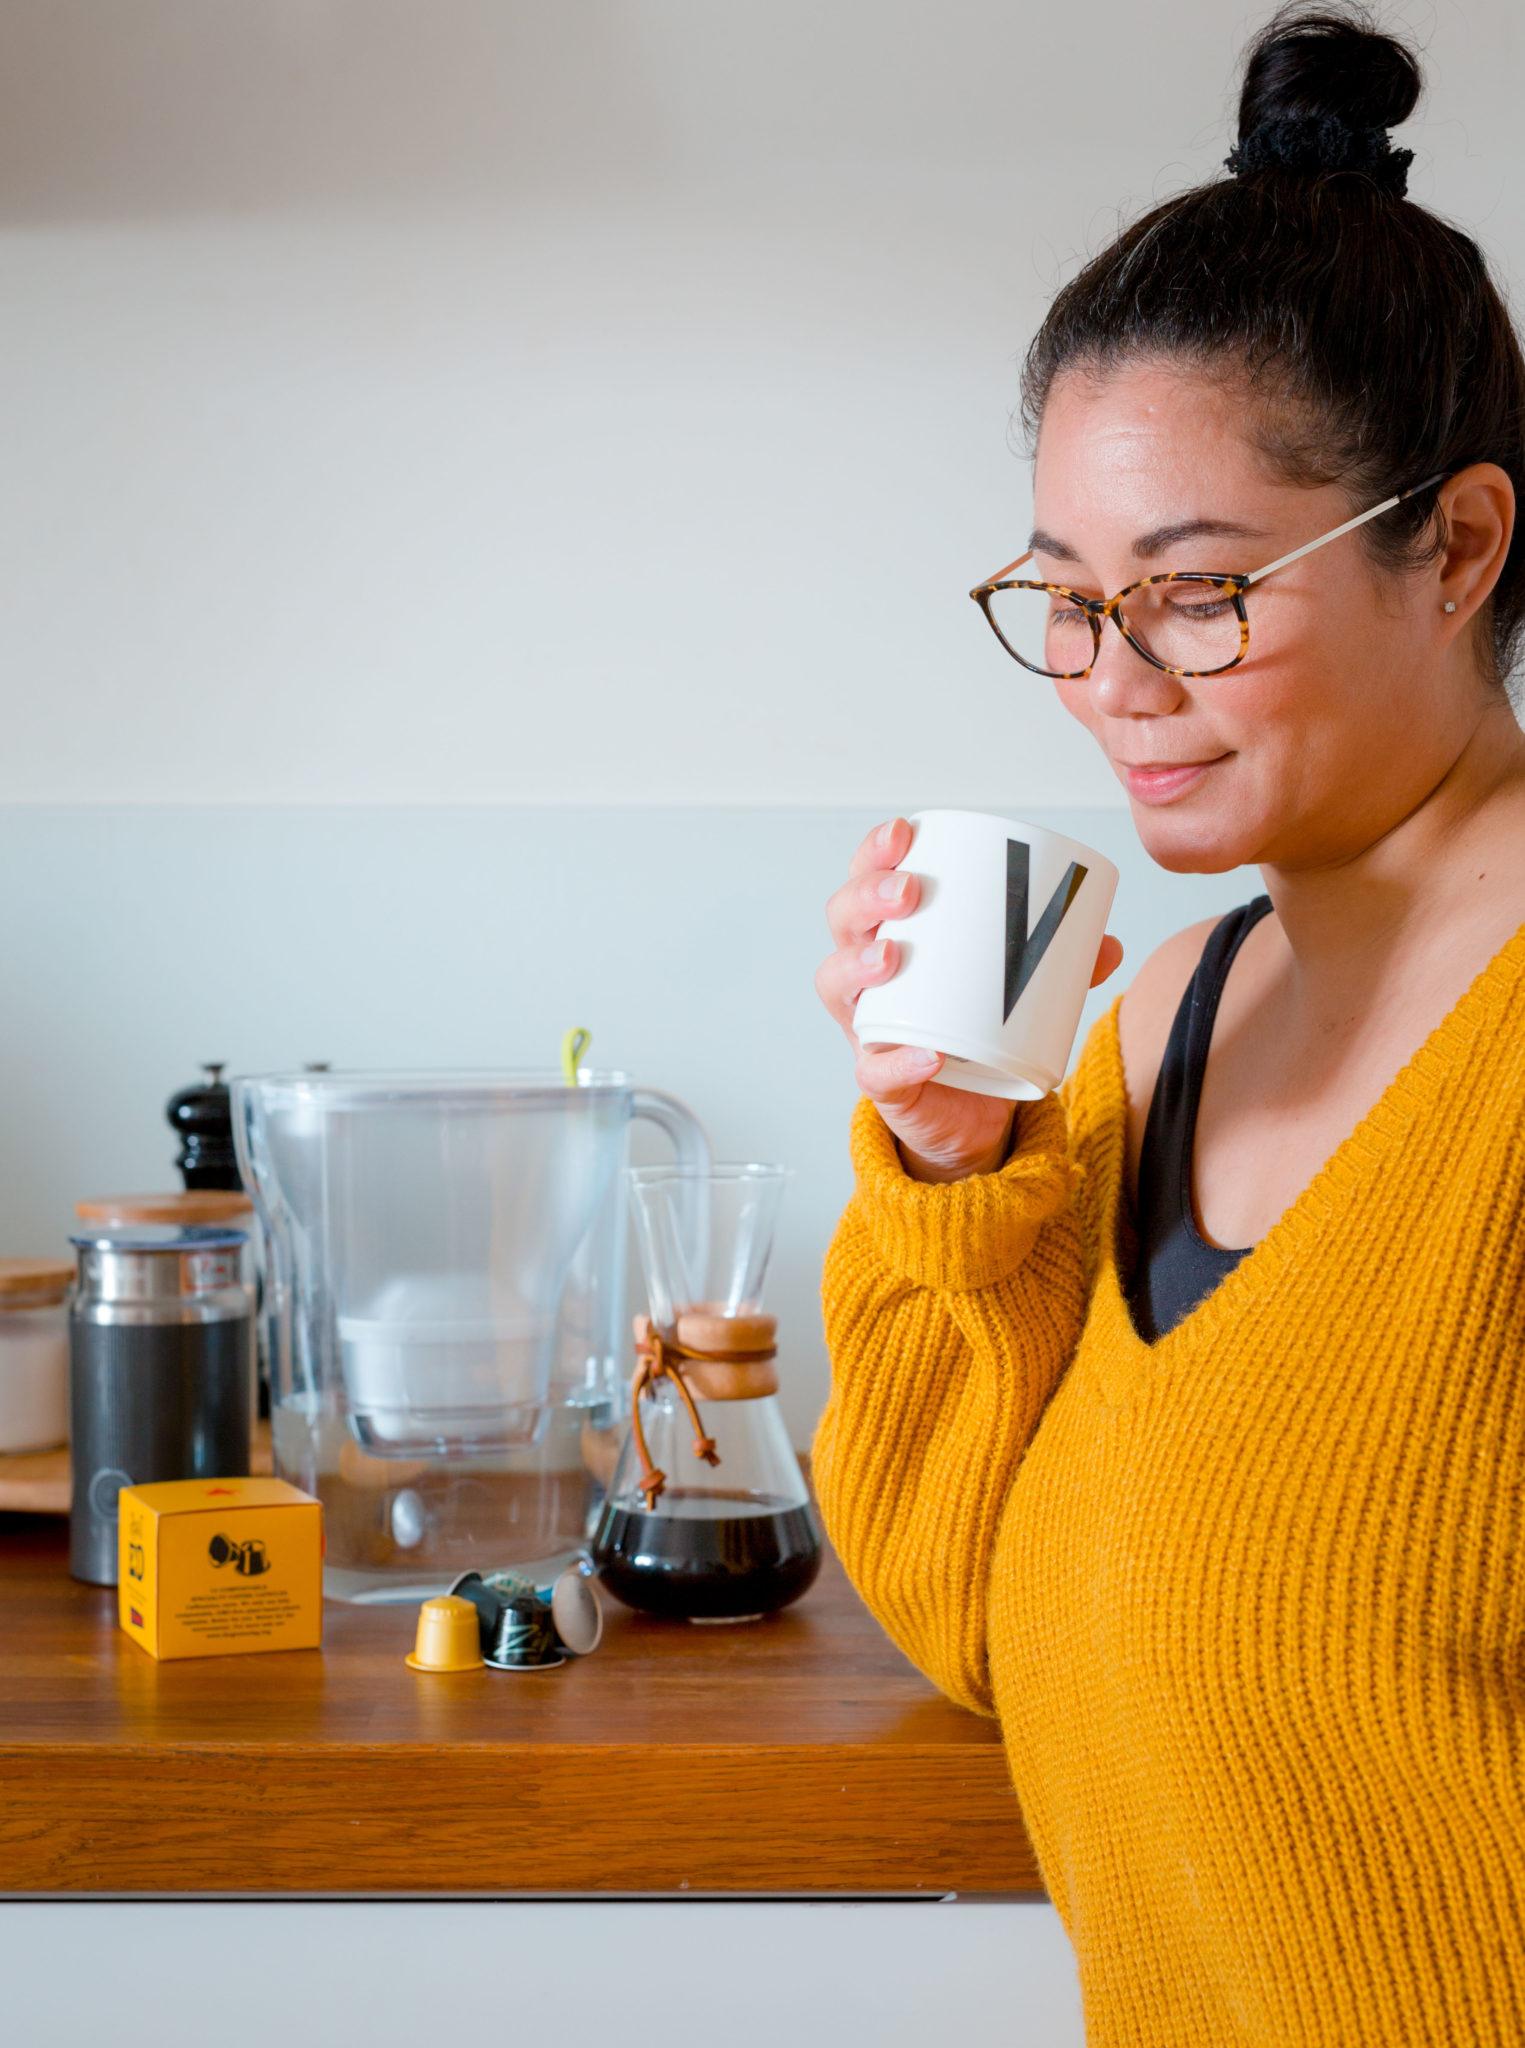 lekkerste kopje koffie barista 5 - Gesloten! WINactie - Zo zet je het lekkerste kopje koffie volgens een barista